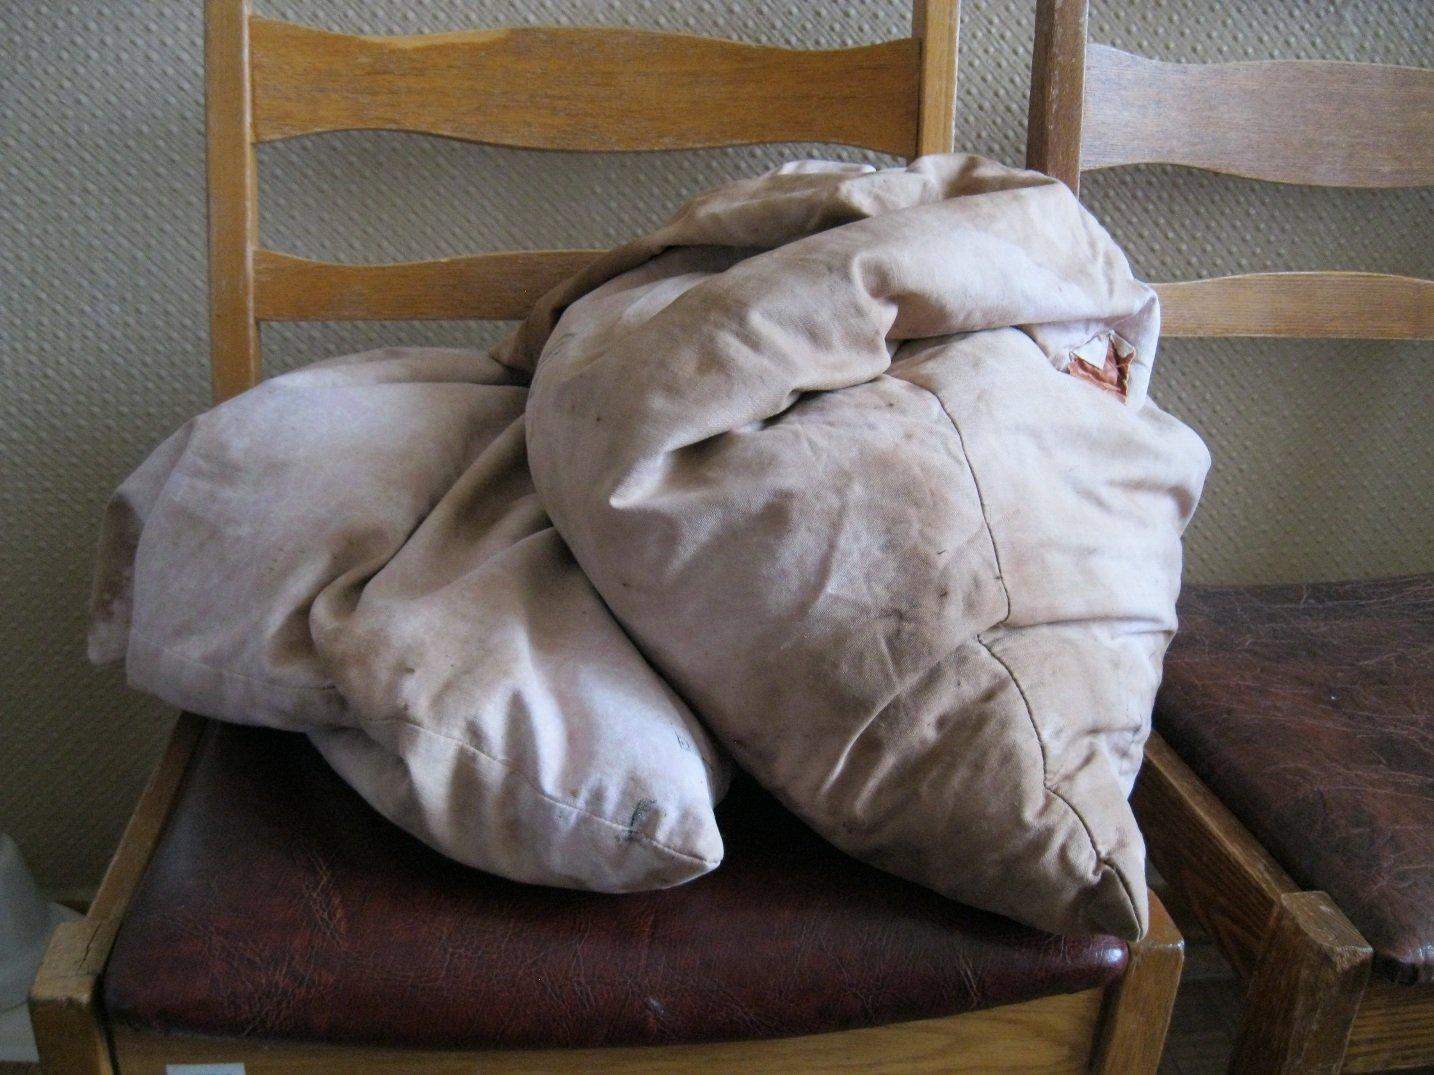 Бабаевская пенсионерка подушкой задушила парализованную соседку по больничной палате